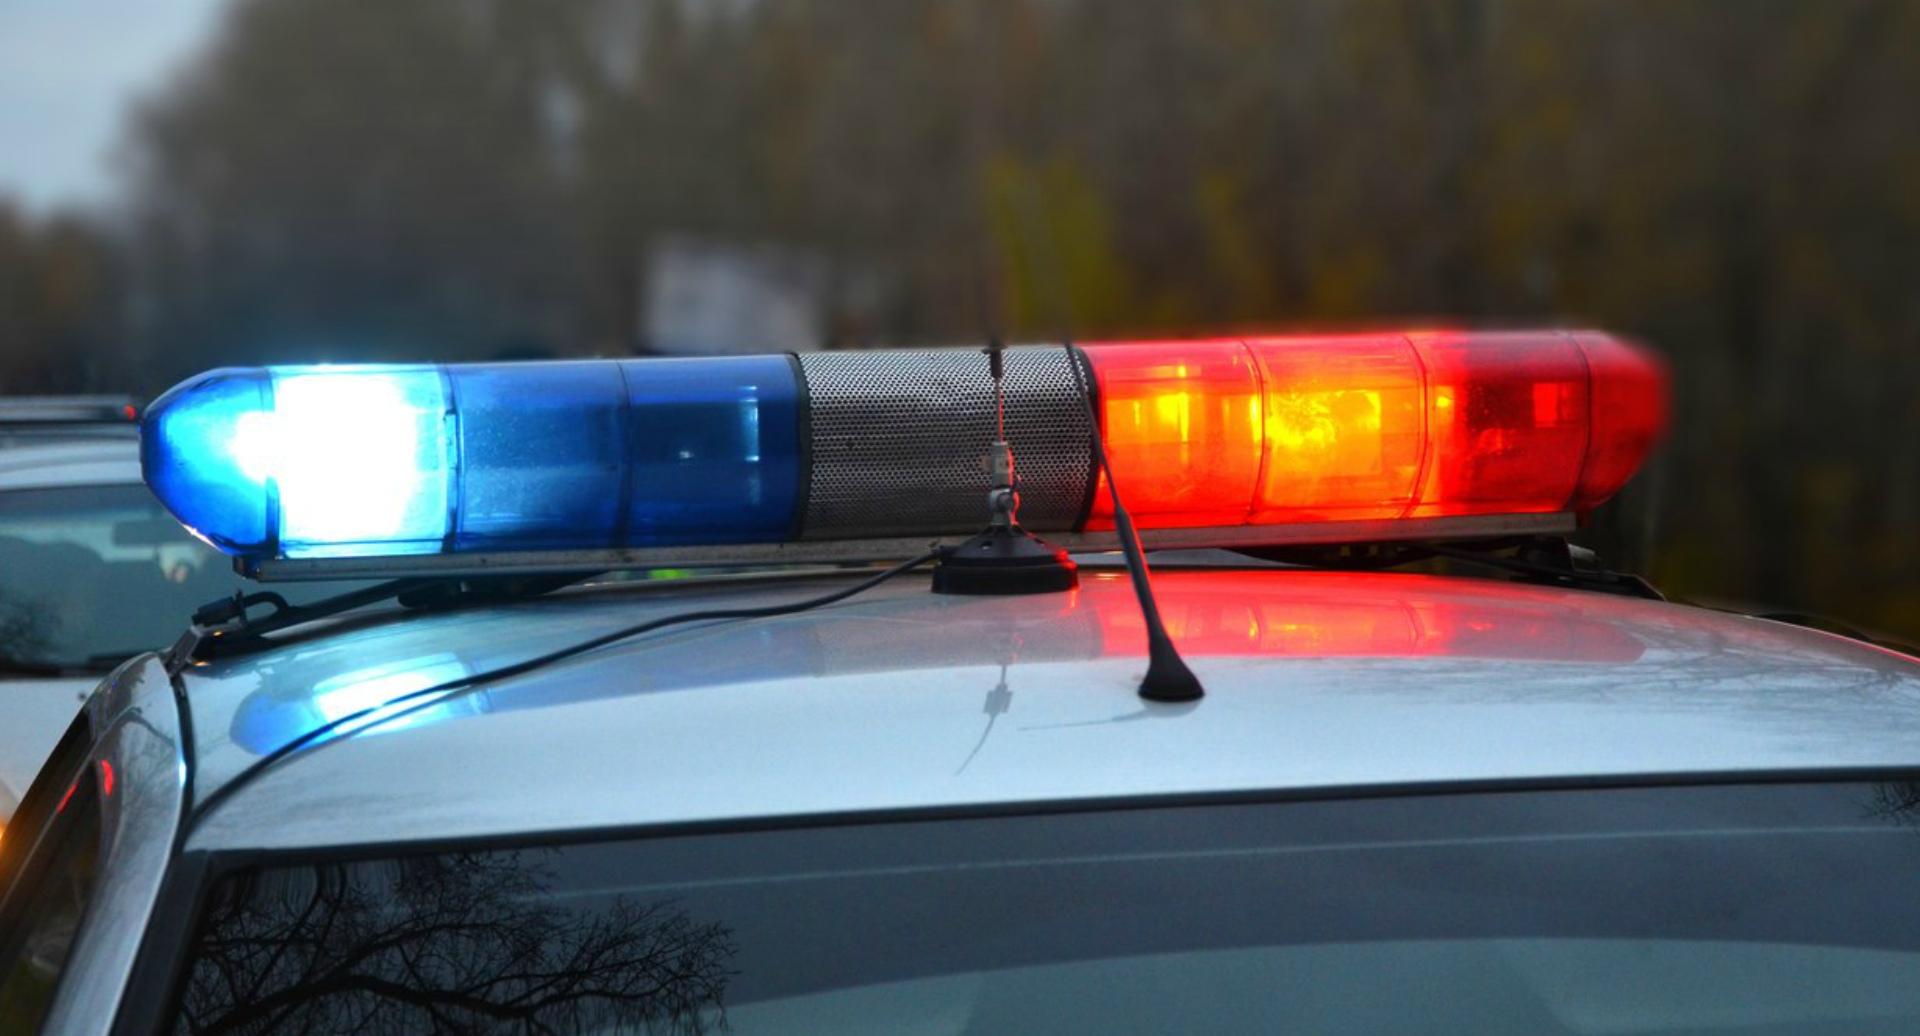 ДТП в Днепре: авто «отлетело» под трамвай, виновник сбежал. Новости Днепра